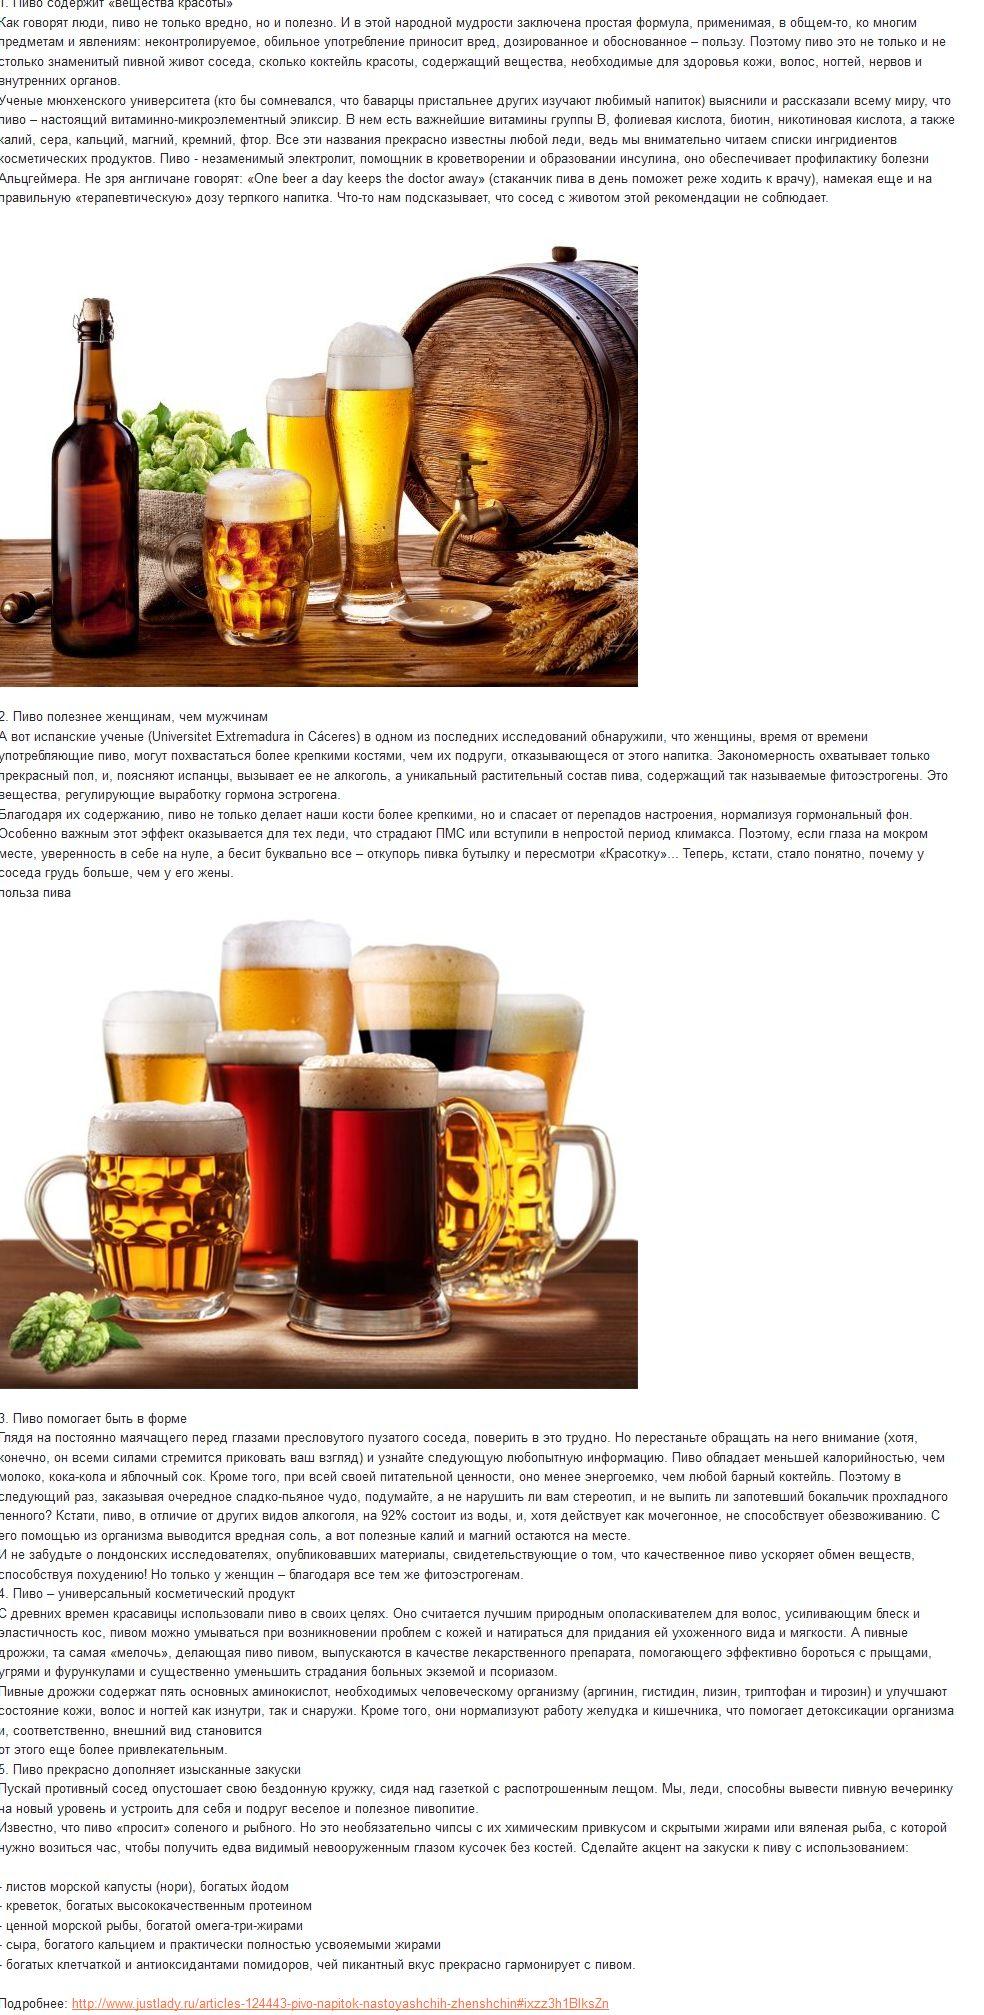 Пиво польза и вред Мифы о вреде и пользе пива  SYLru